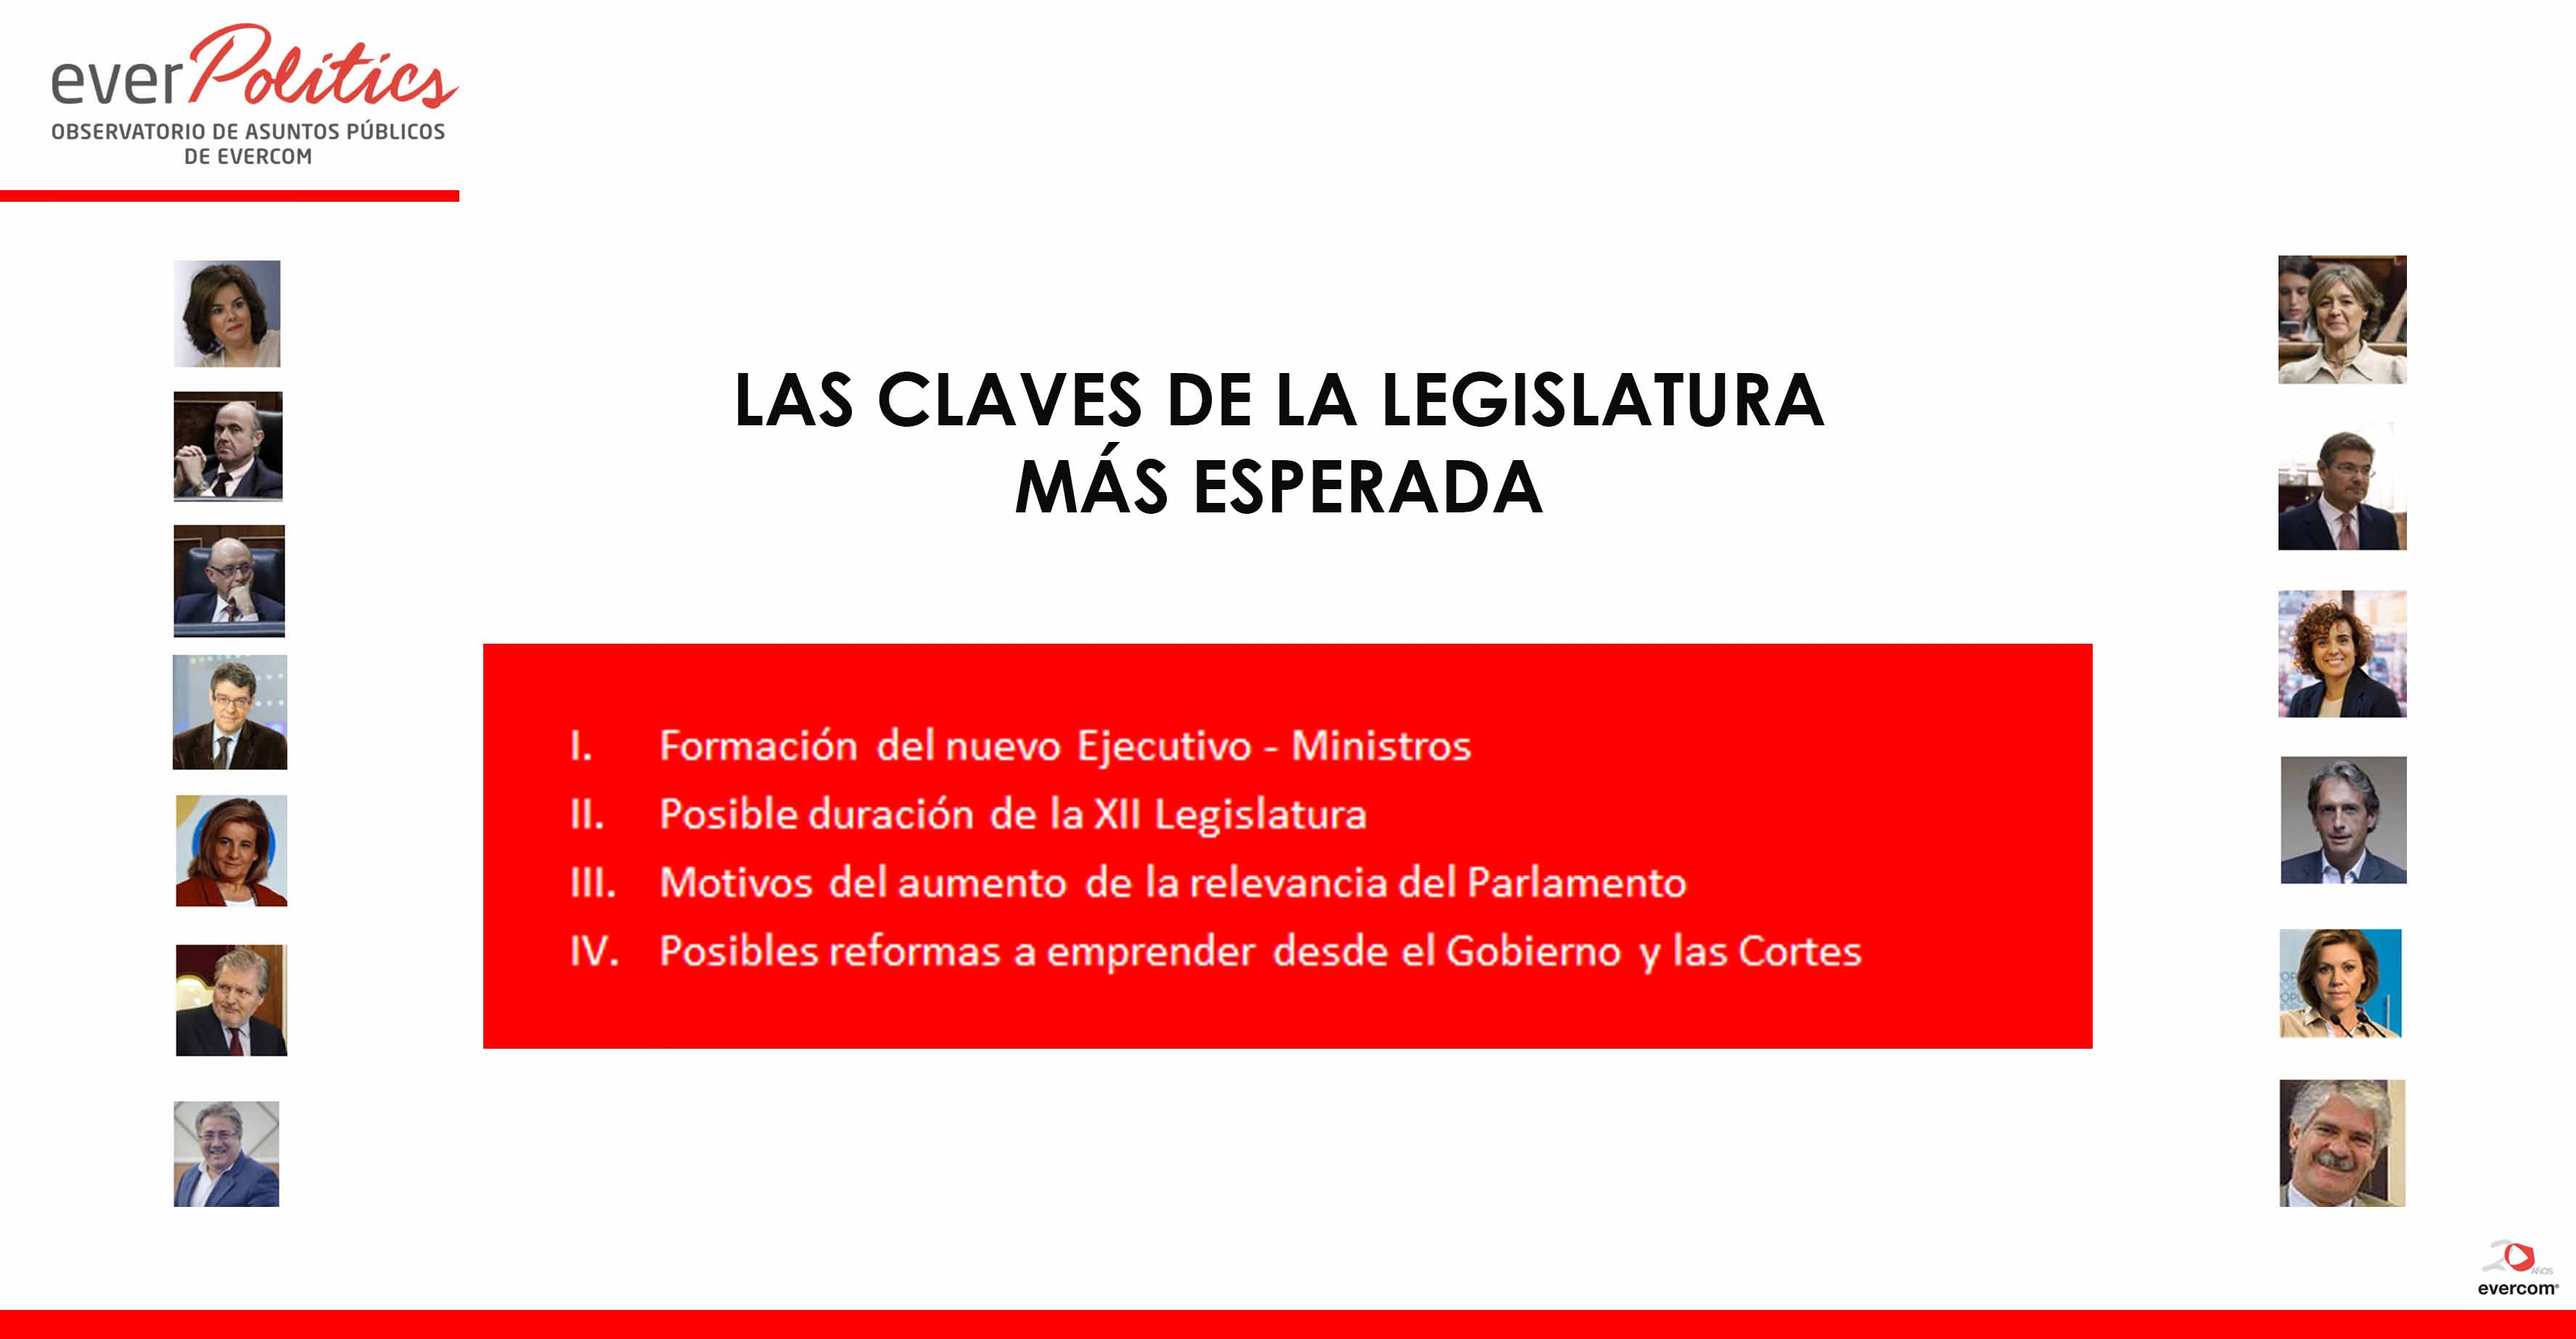 everpolitics-evercom-ministros